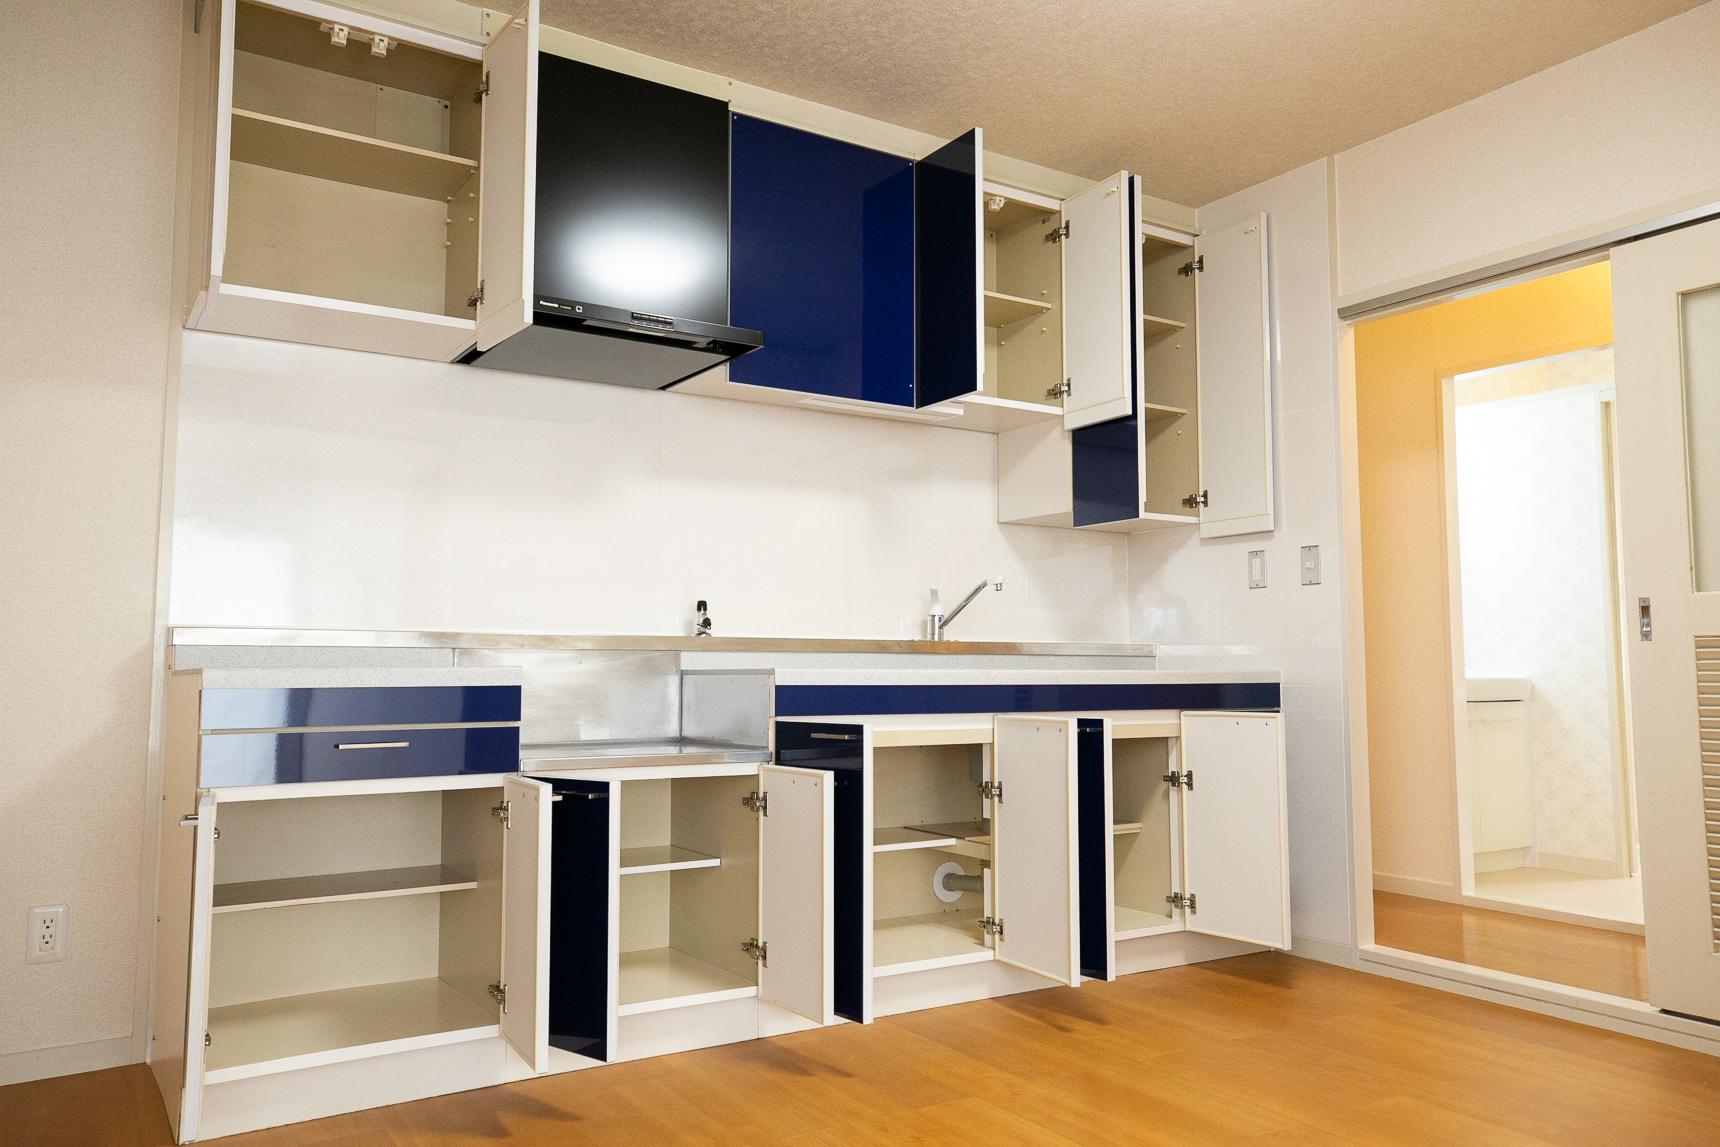 そしてこのお部屋は、キッチンの収納がすごかった。ババン!